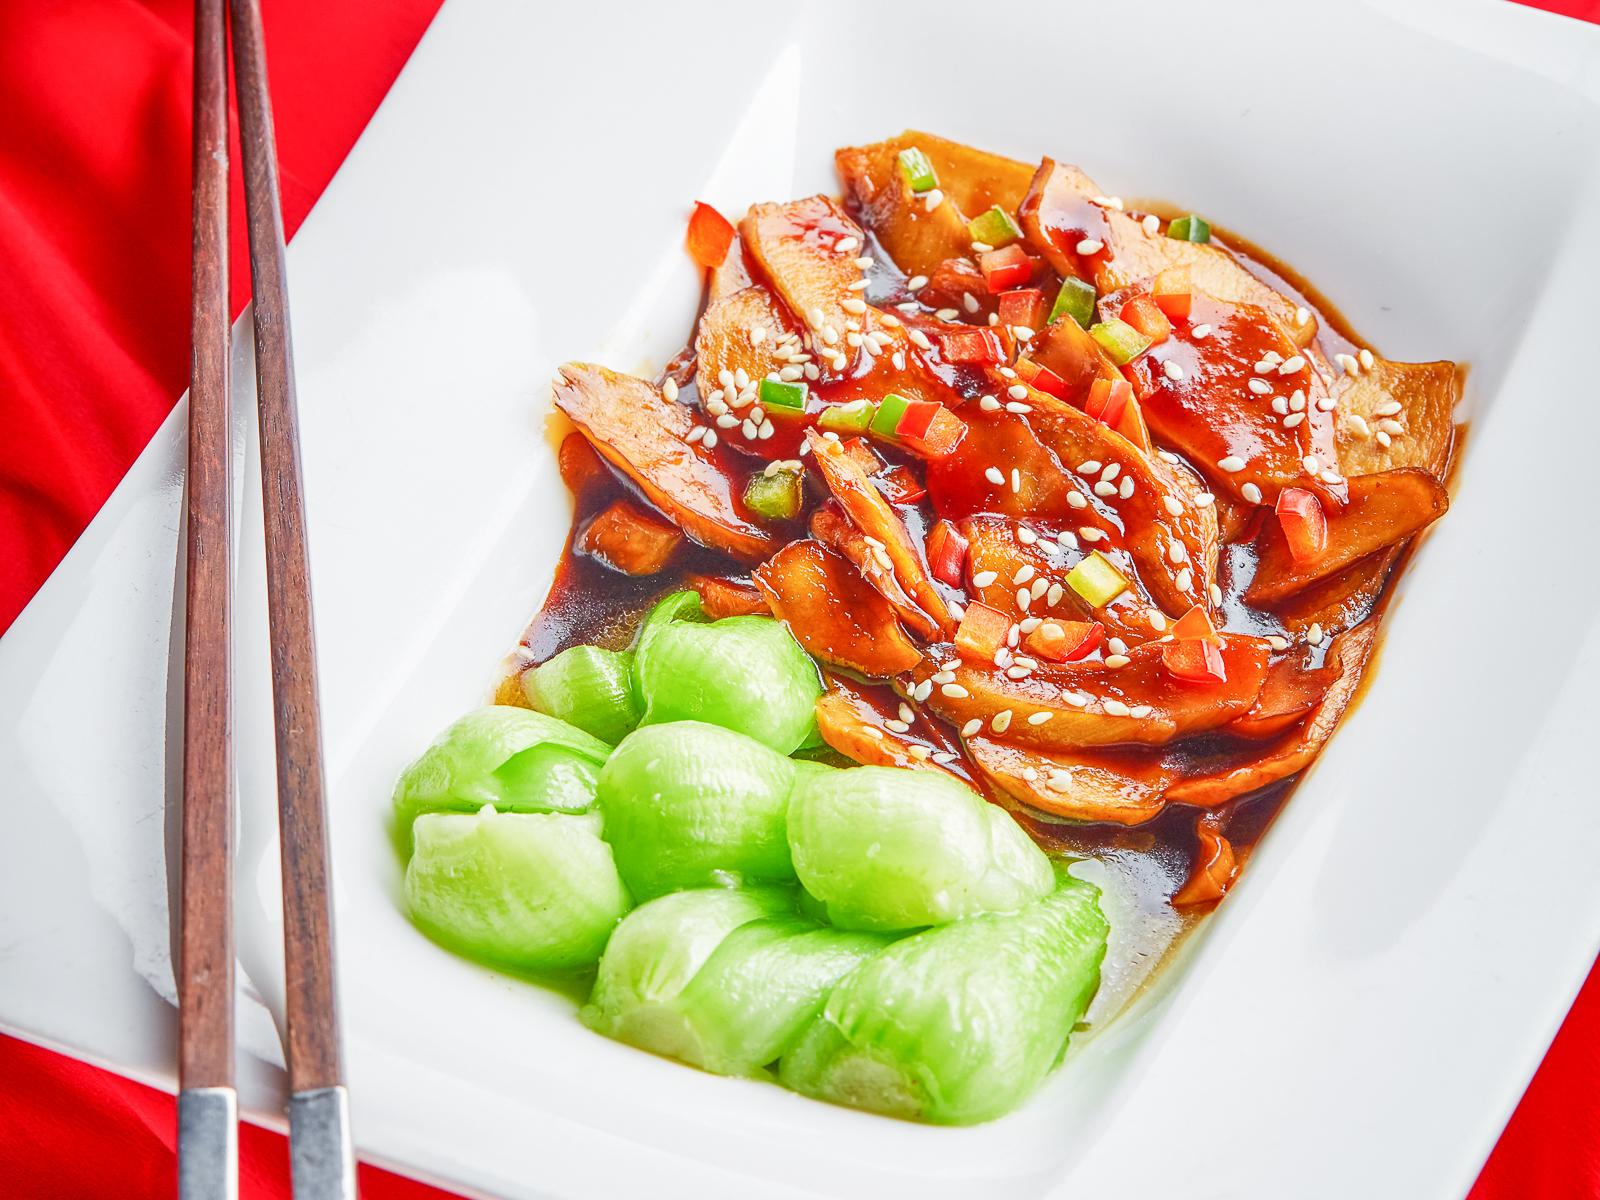 Жареные грибы Синь бао с салатом Пок чой